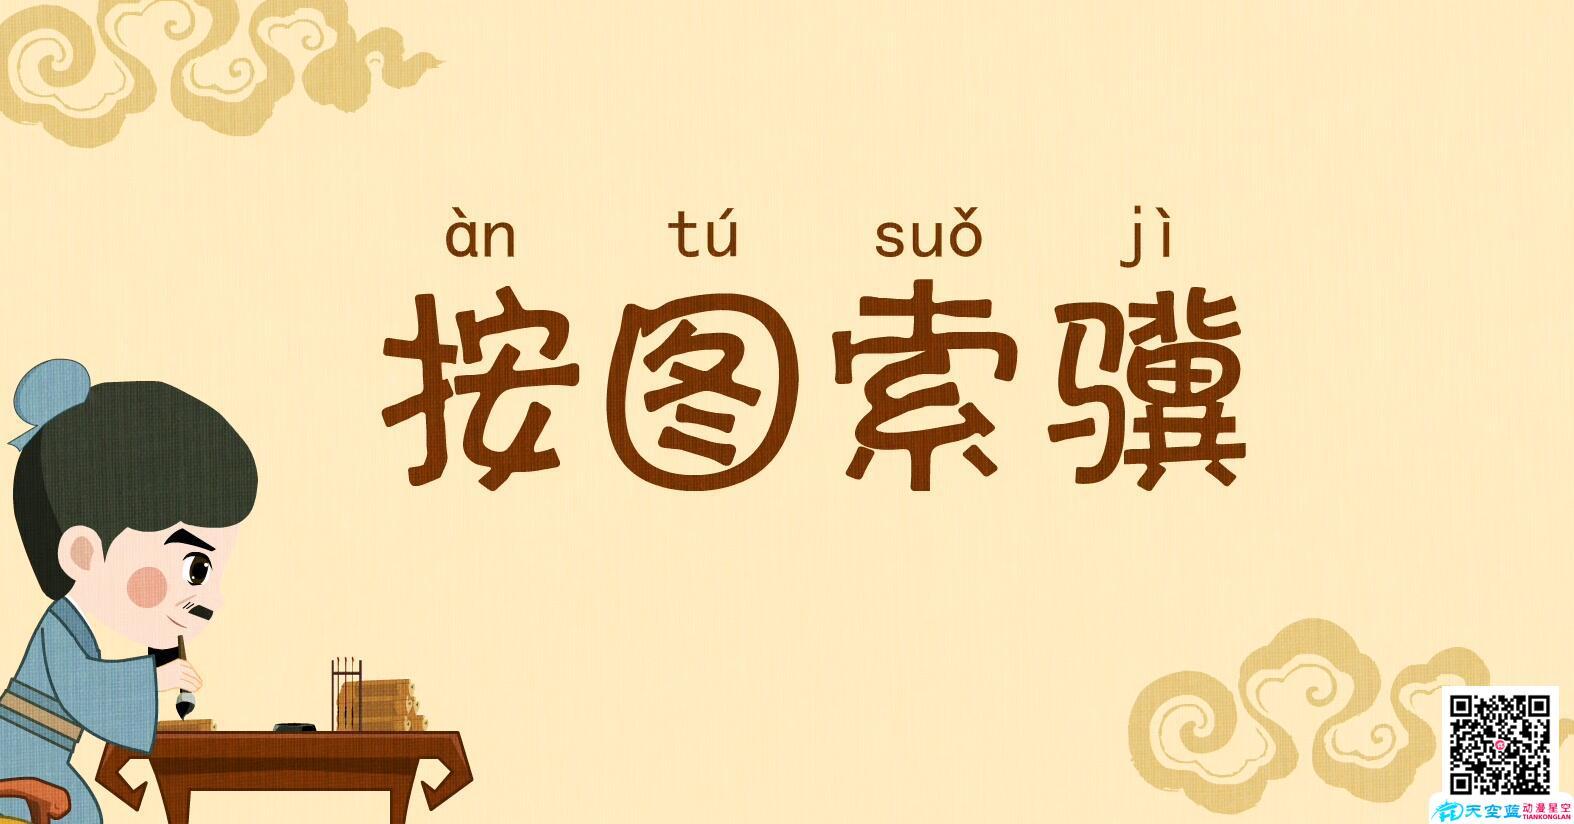 《按图索骥》中国成语故事动画视频